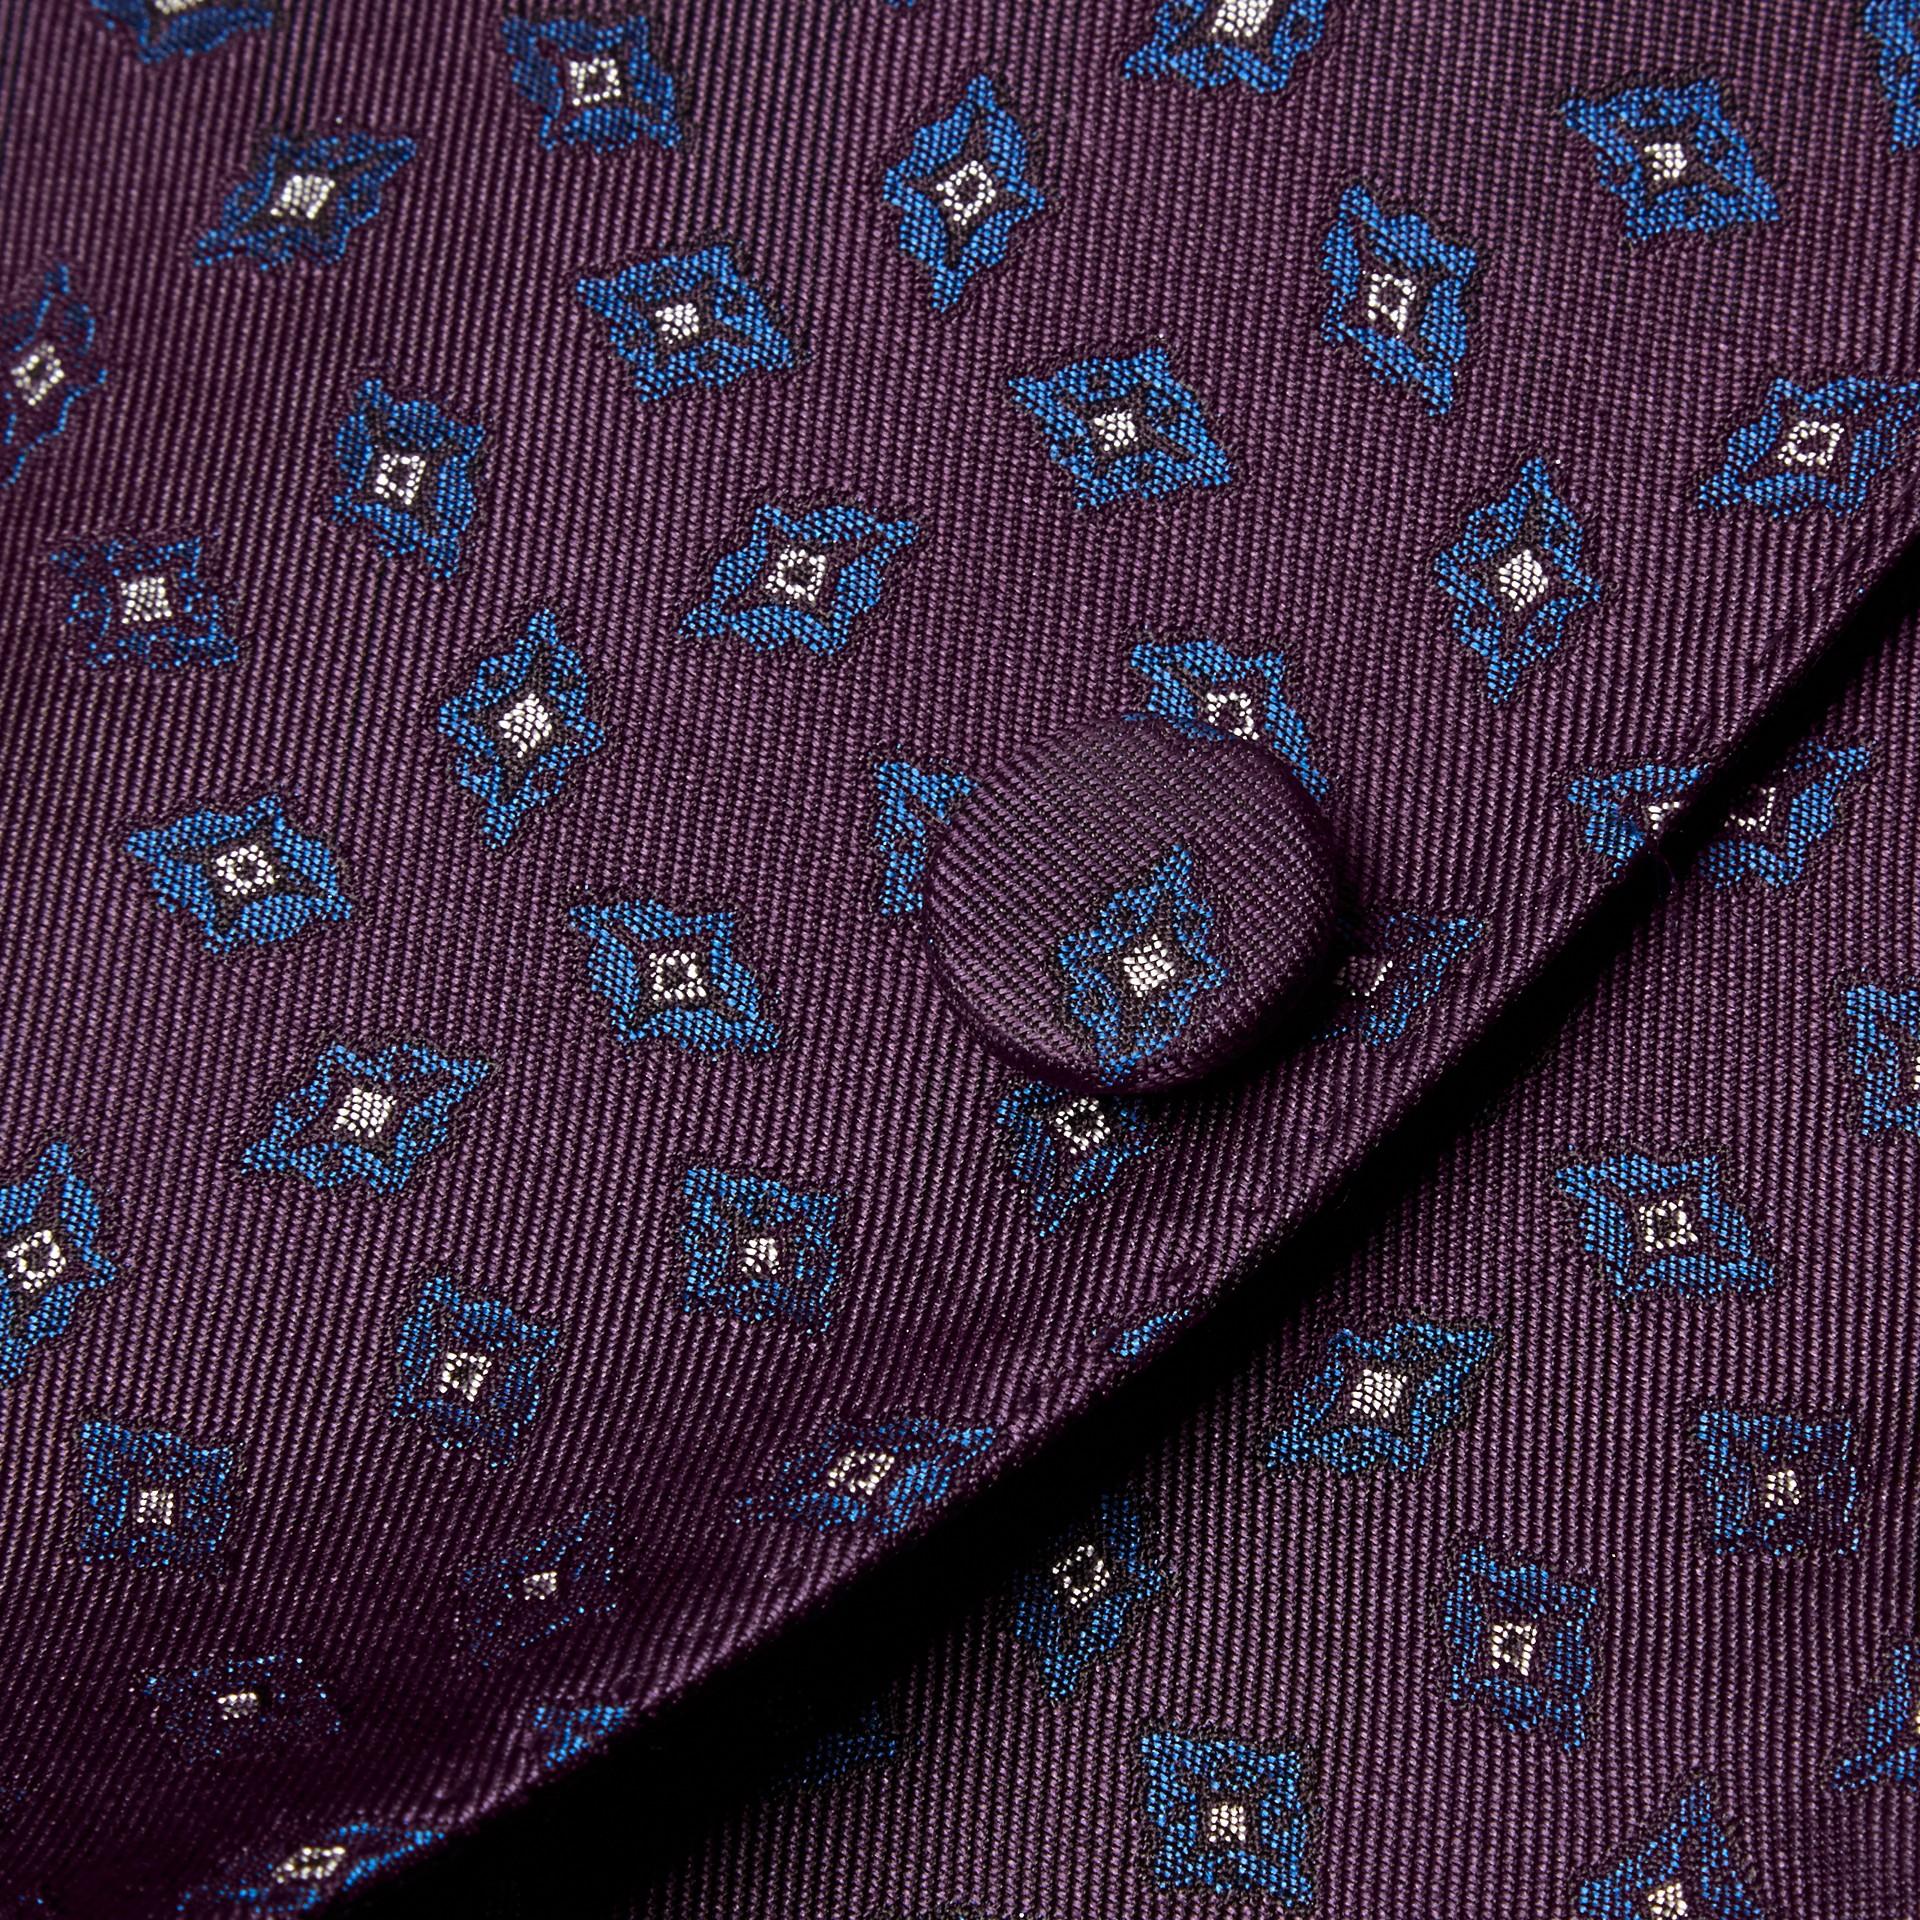 Berenjena oscuro Chaqueta de vestir entallada en jacquard de seda con motivo geométrico - imagen de la galería 2